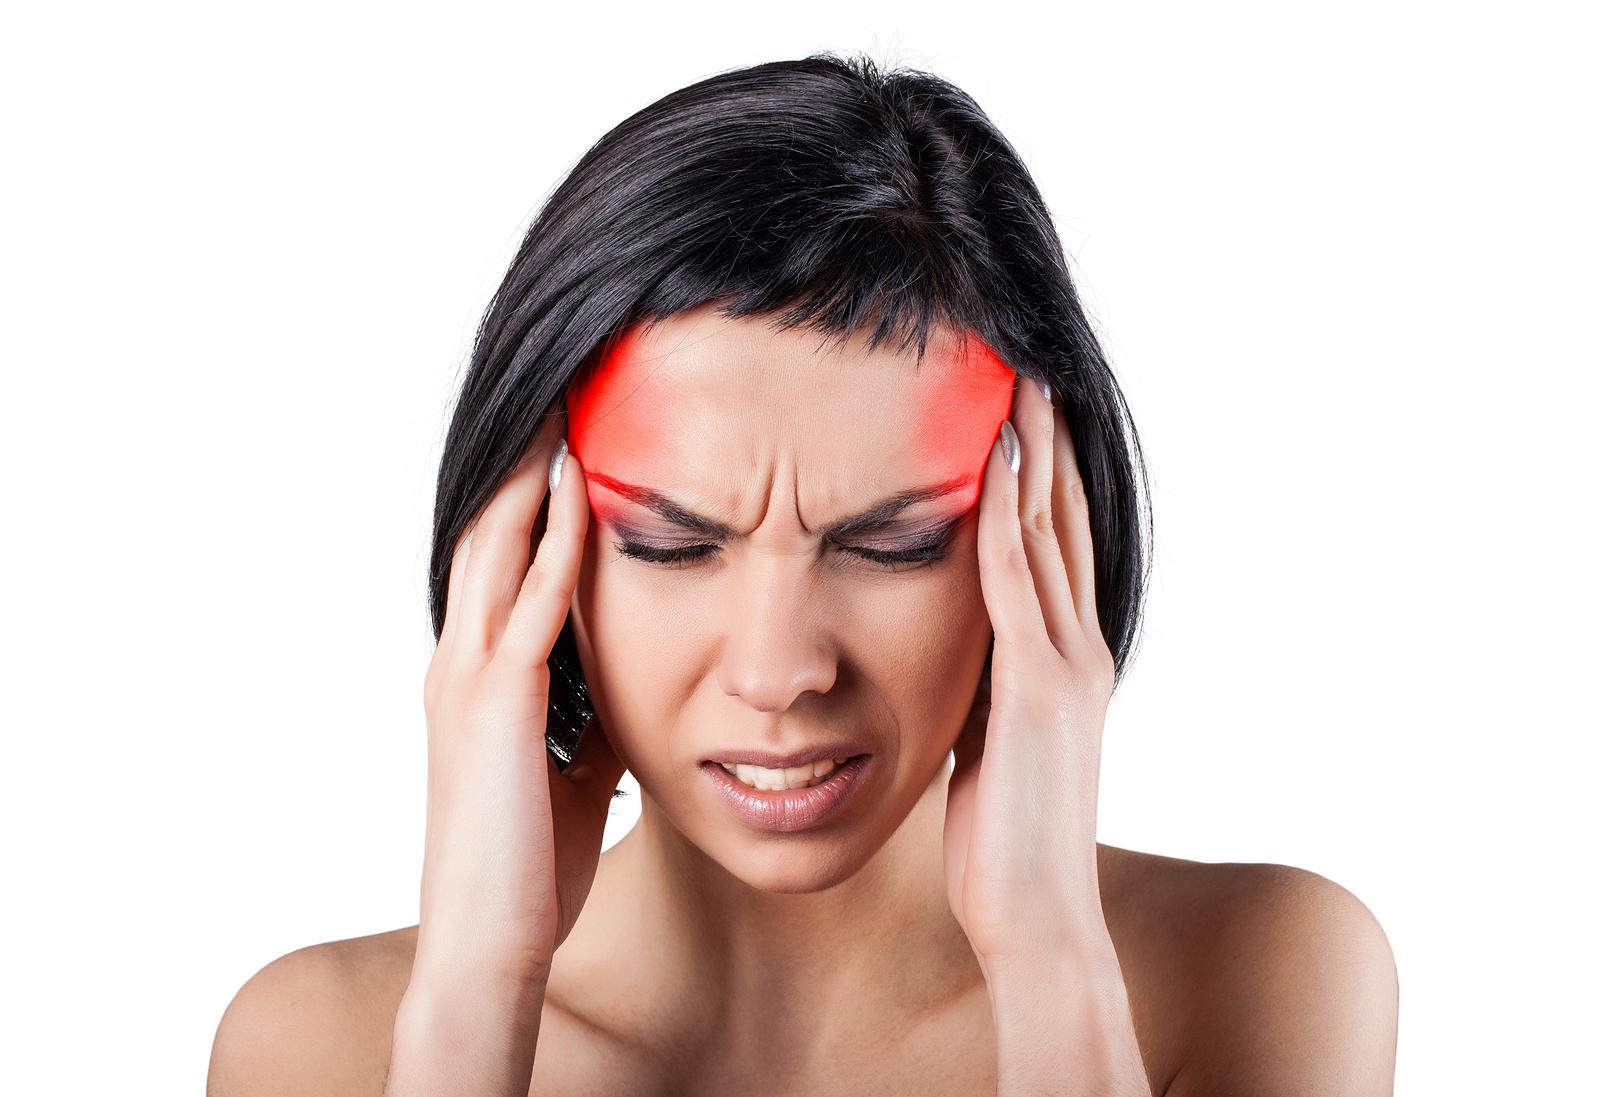 أقوى الوصفات لعلاج التوتر والصداع